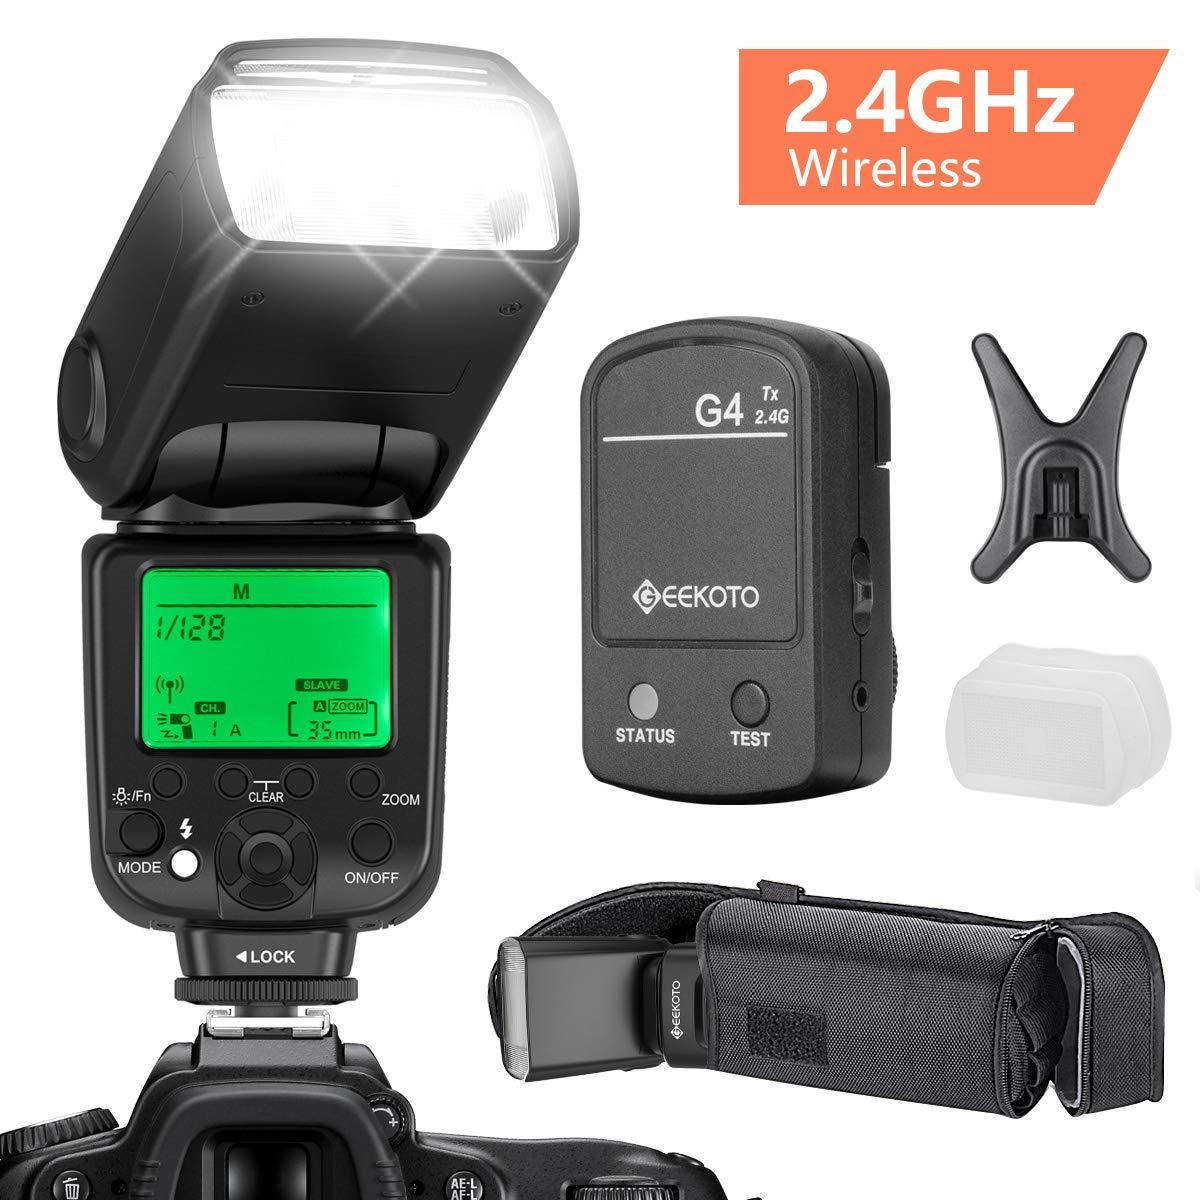 GEEKOTO Speedlite Cameras Wireless Professional